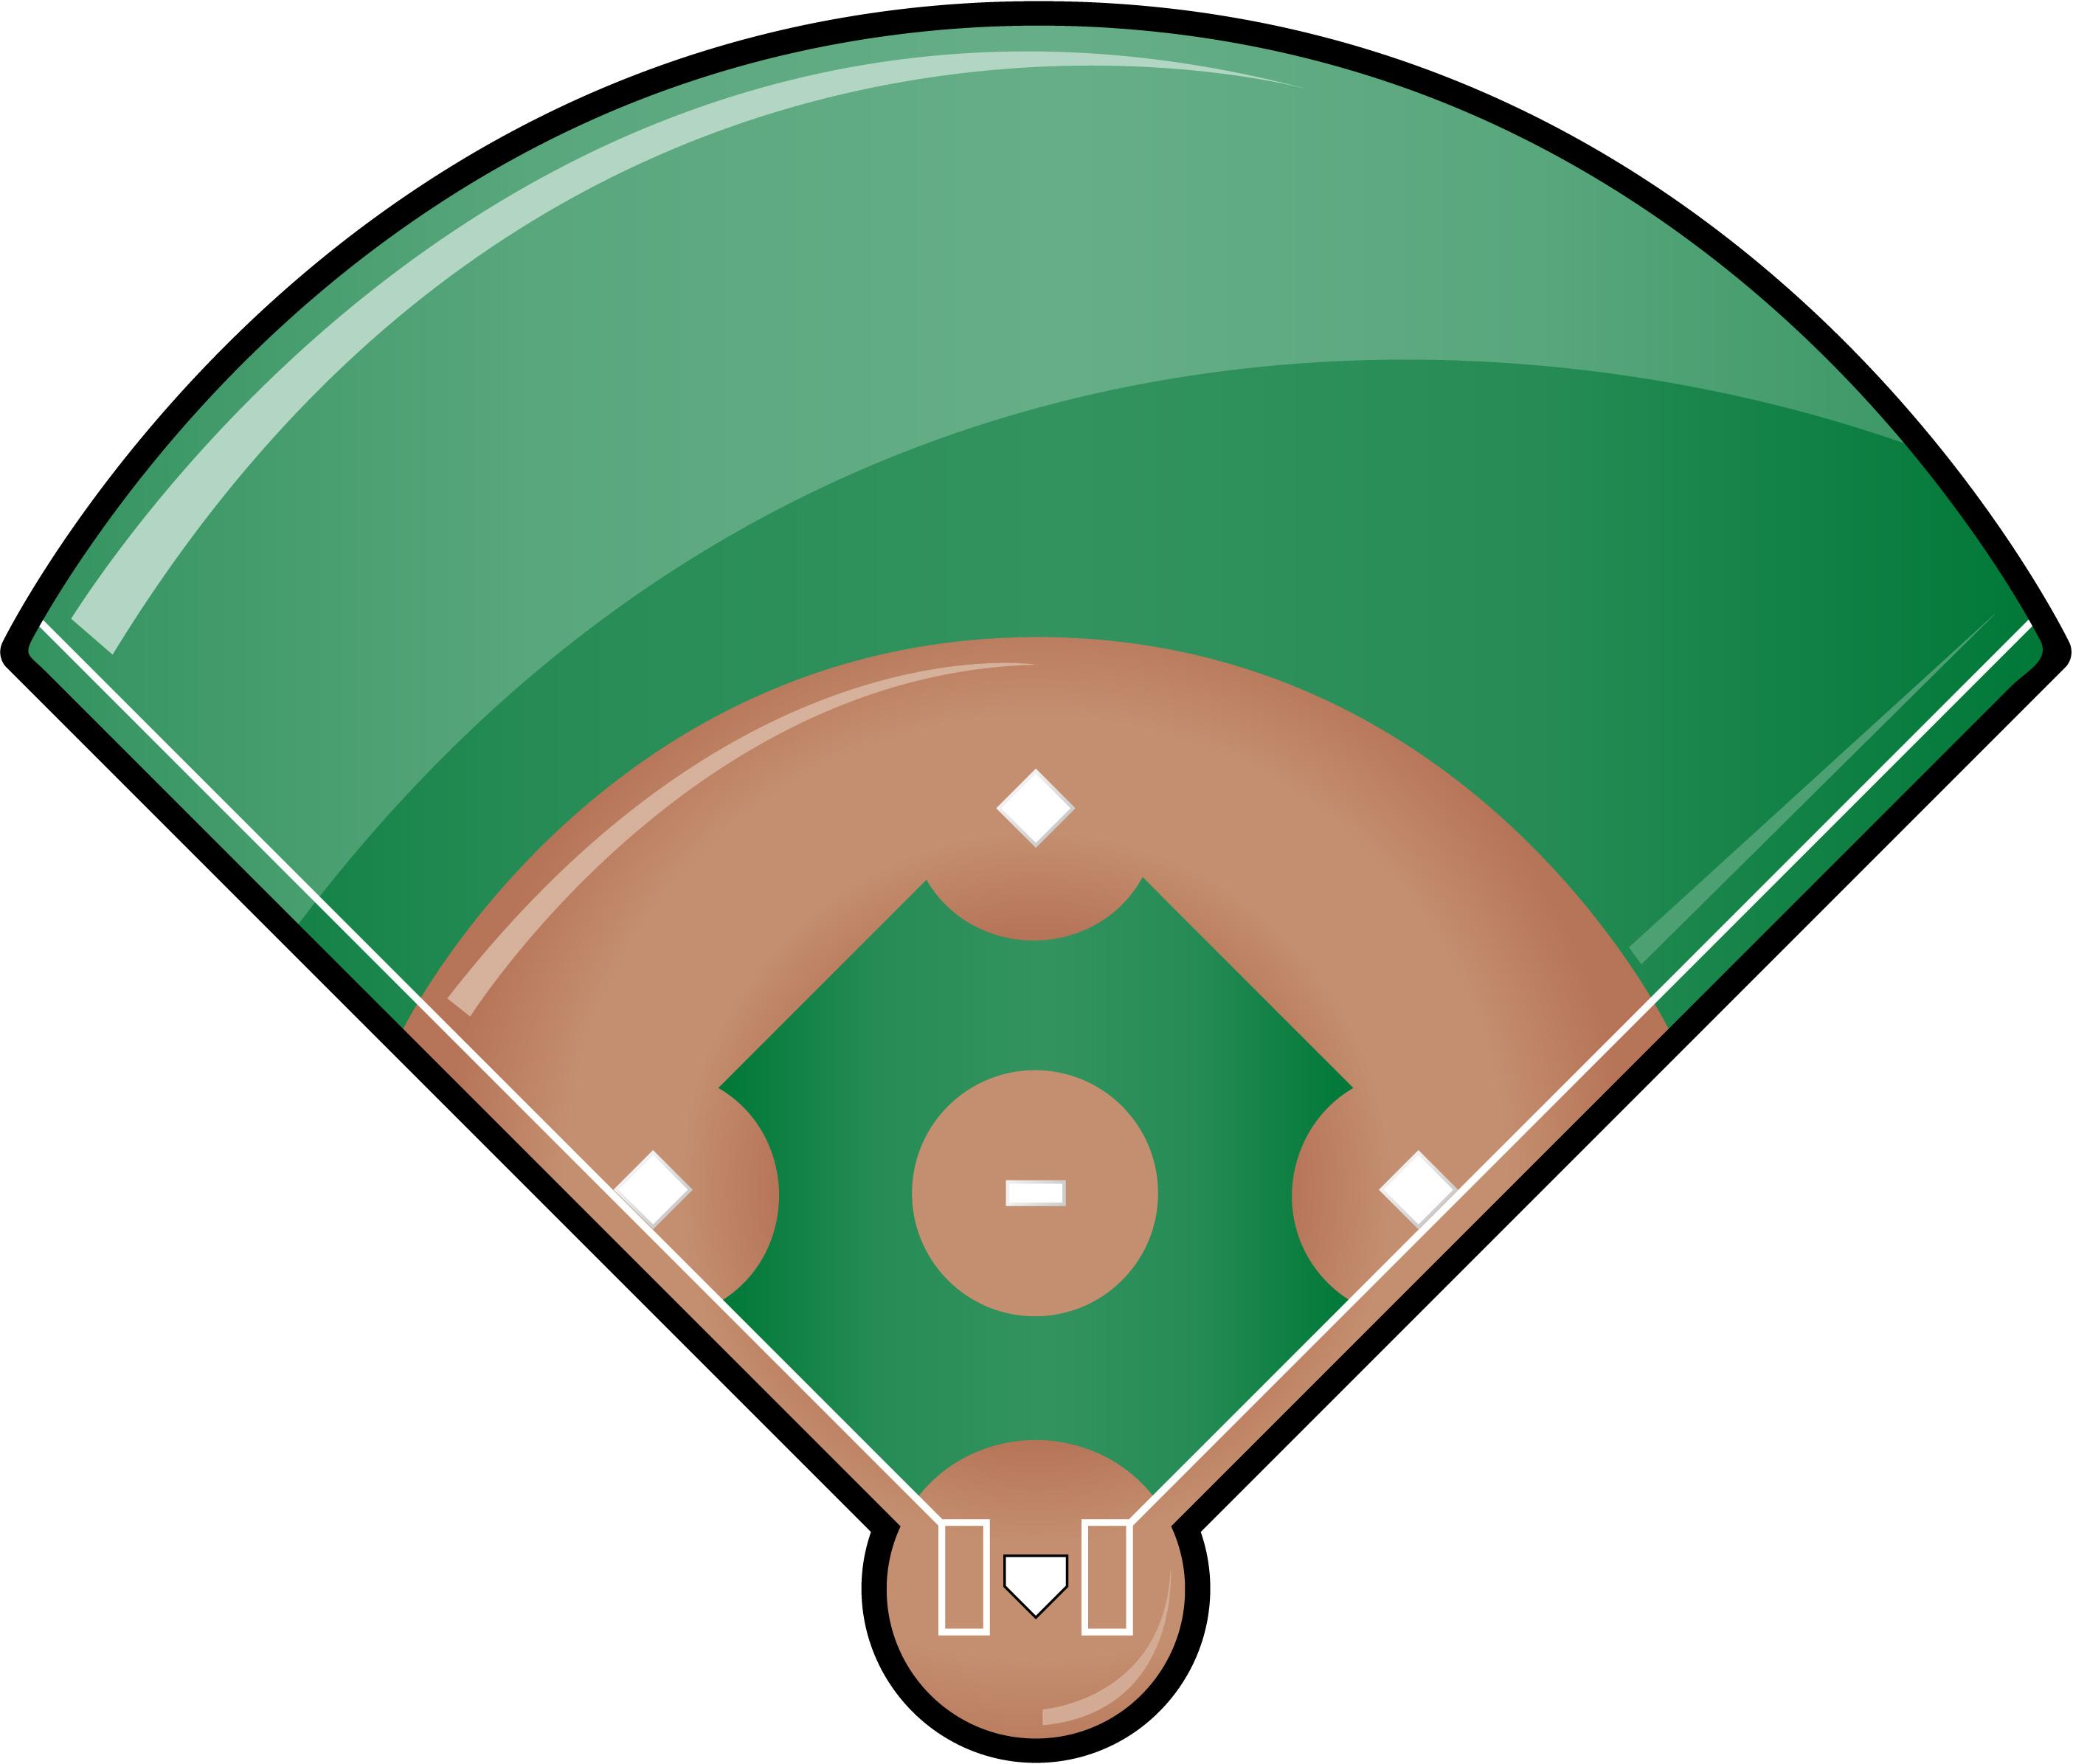 2810x2391 Baseball Bat Clipart Baseball Infield